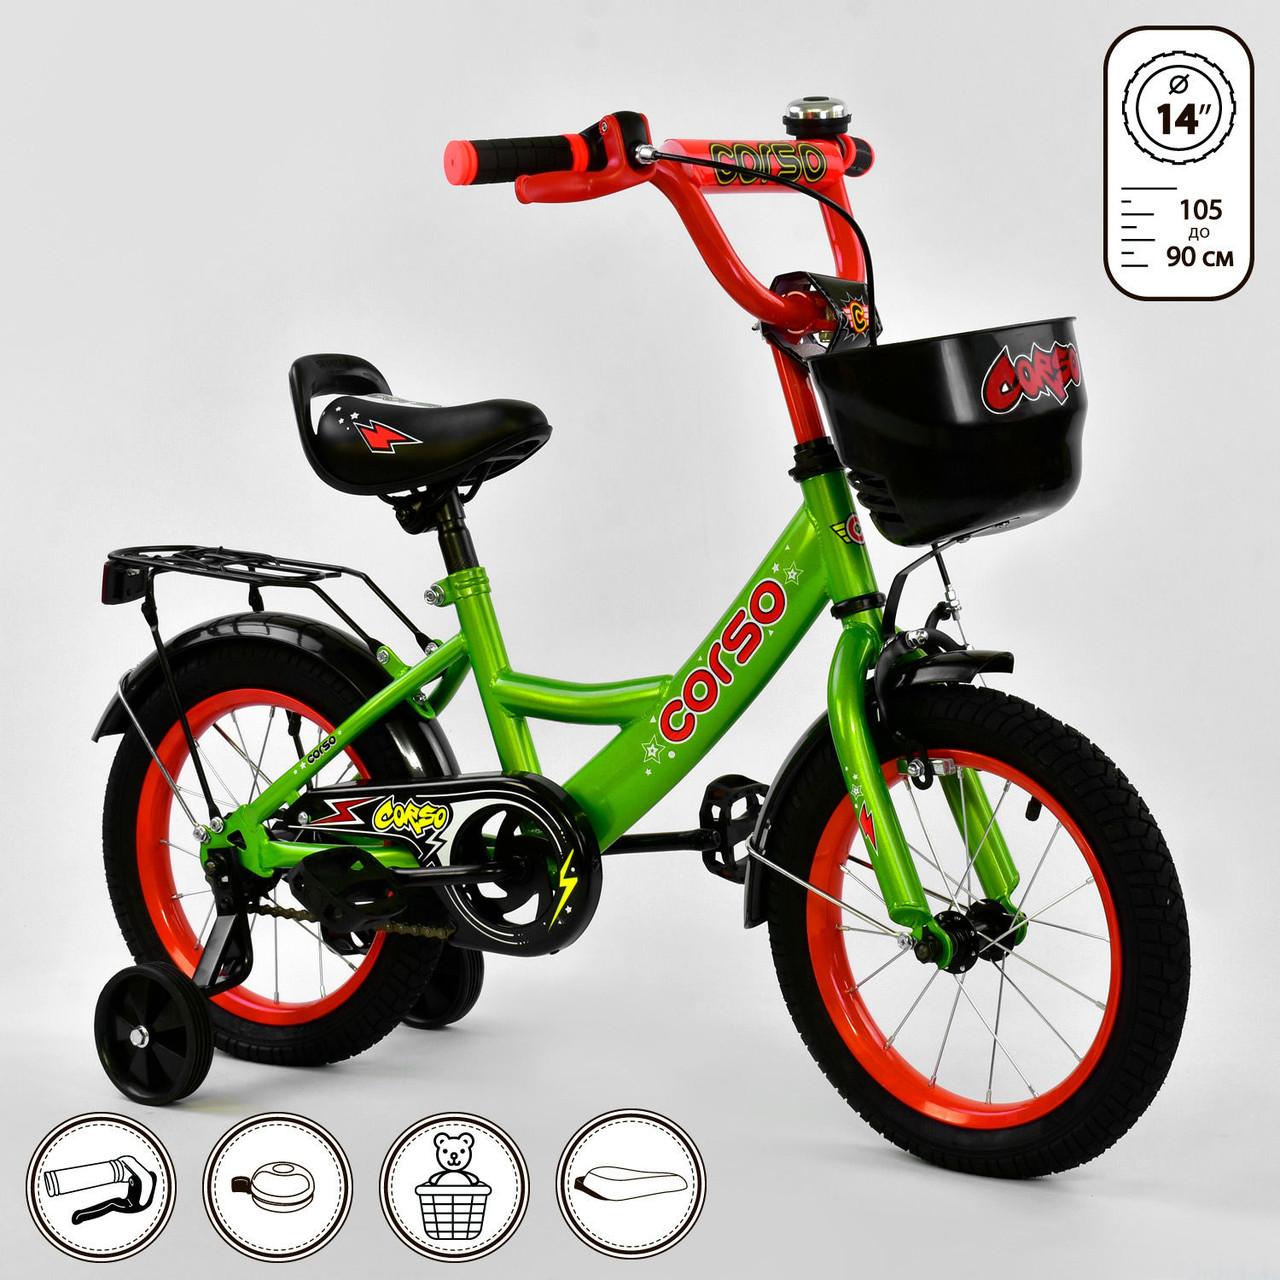 Велосипед детский CORSO G-14051 (14 дюймов)